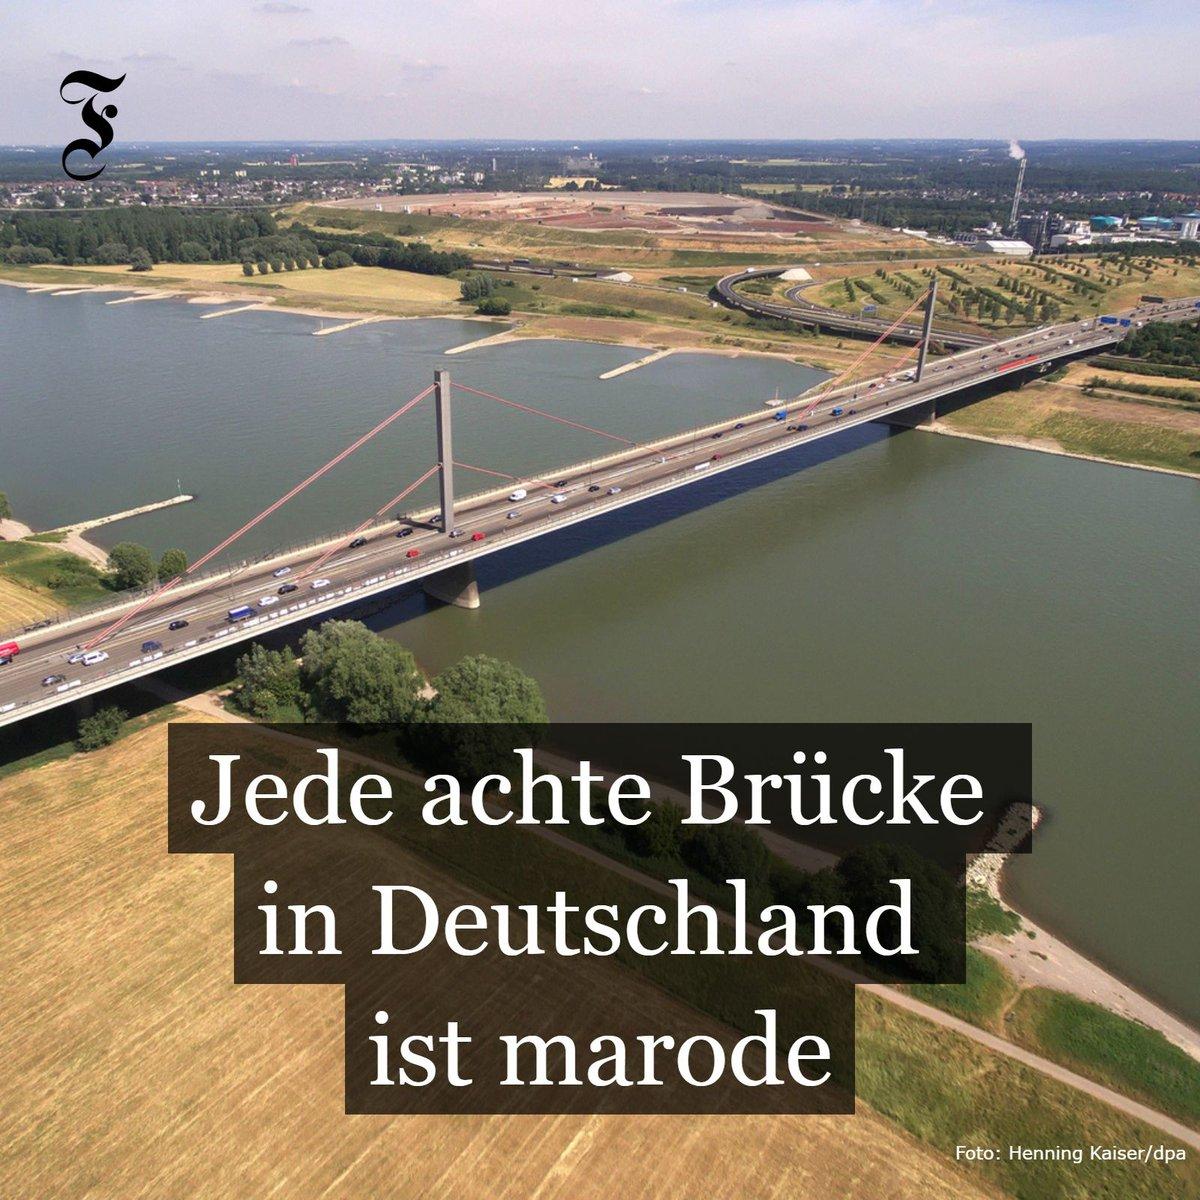 Nach dem Einsturz einer Autobahnbrücke in #Genua mit zahlreichen Toten stellt sich die Frage: Wie steht es eigentlich um Deutschlands Brücken?  https://t.co/k8aAMipcrv